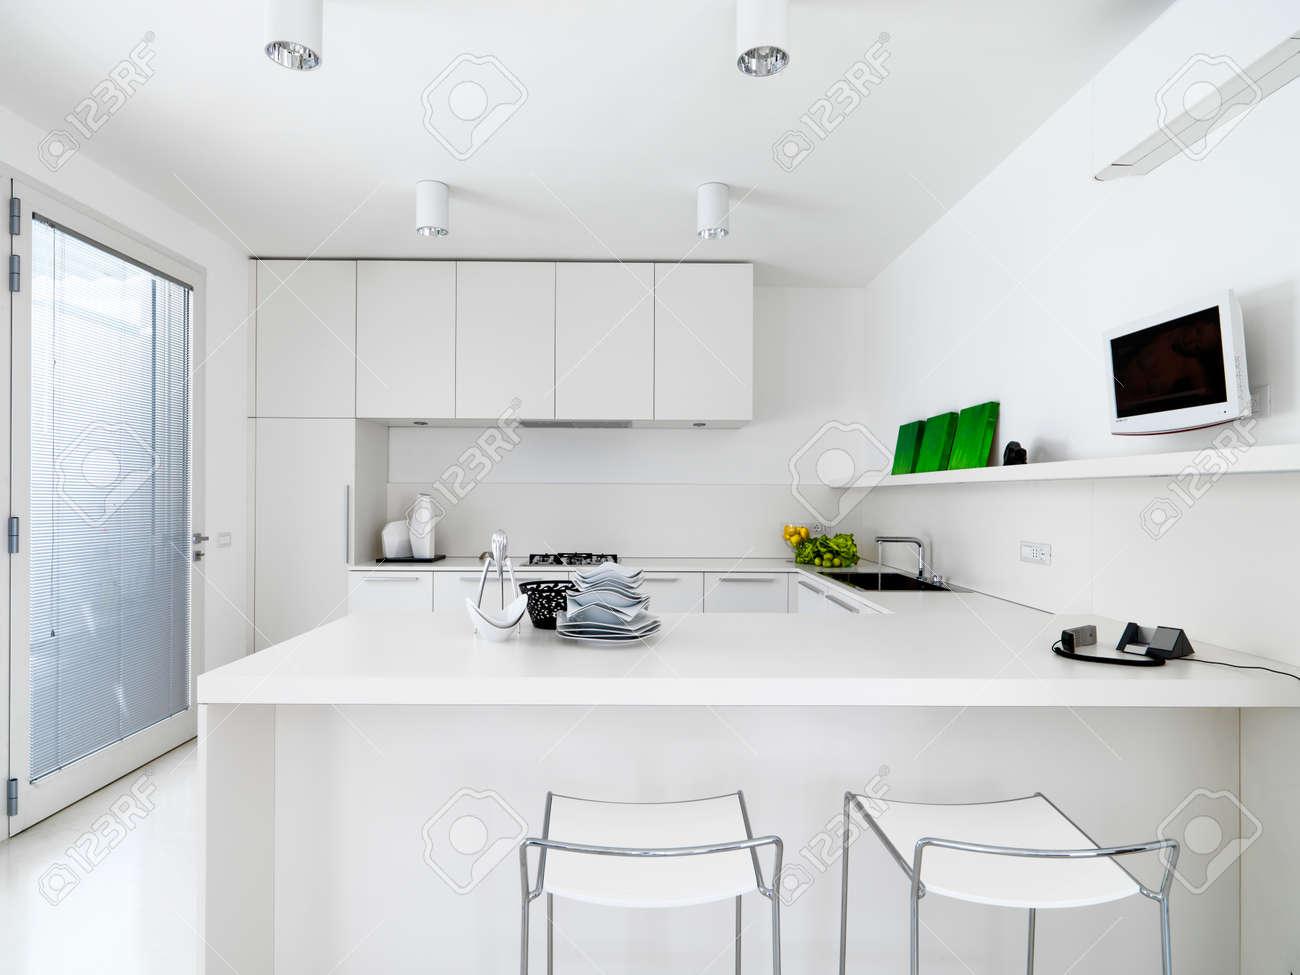 Vue De Lintérieur Dune Cuisine Moderne Blanc Avec Des Légumes Sur